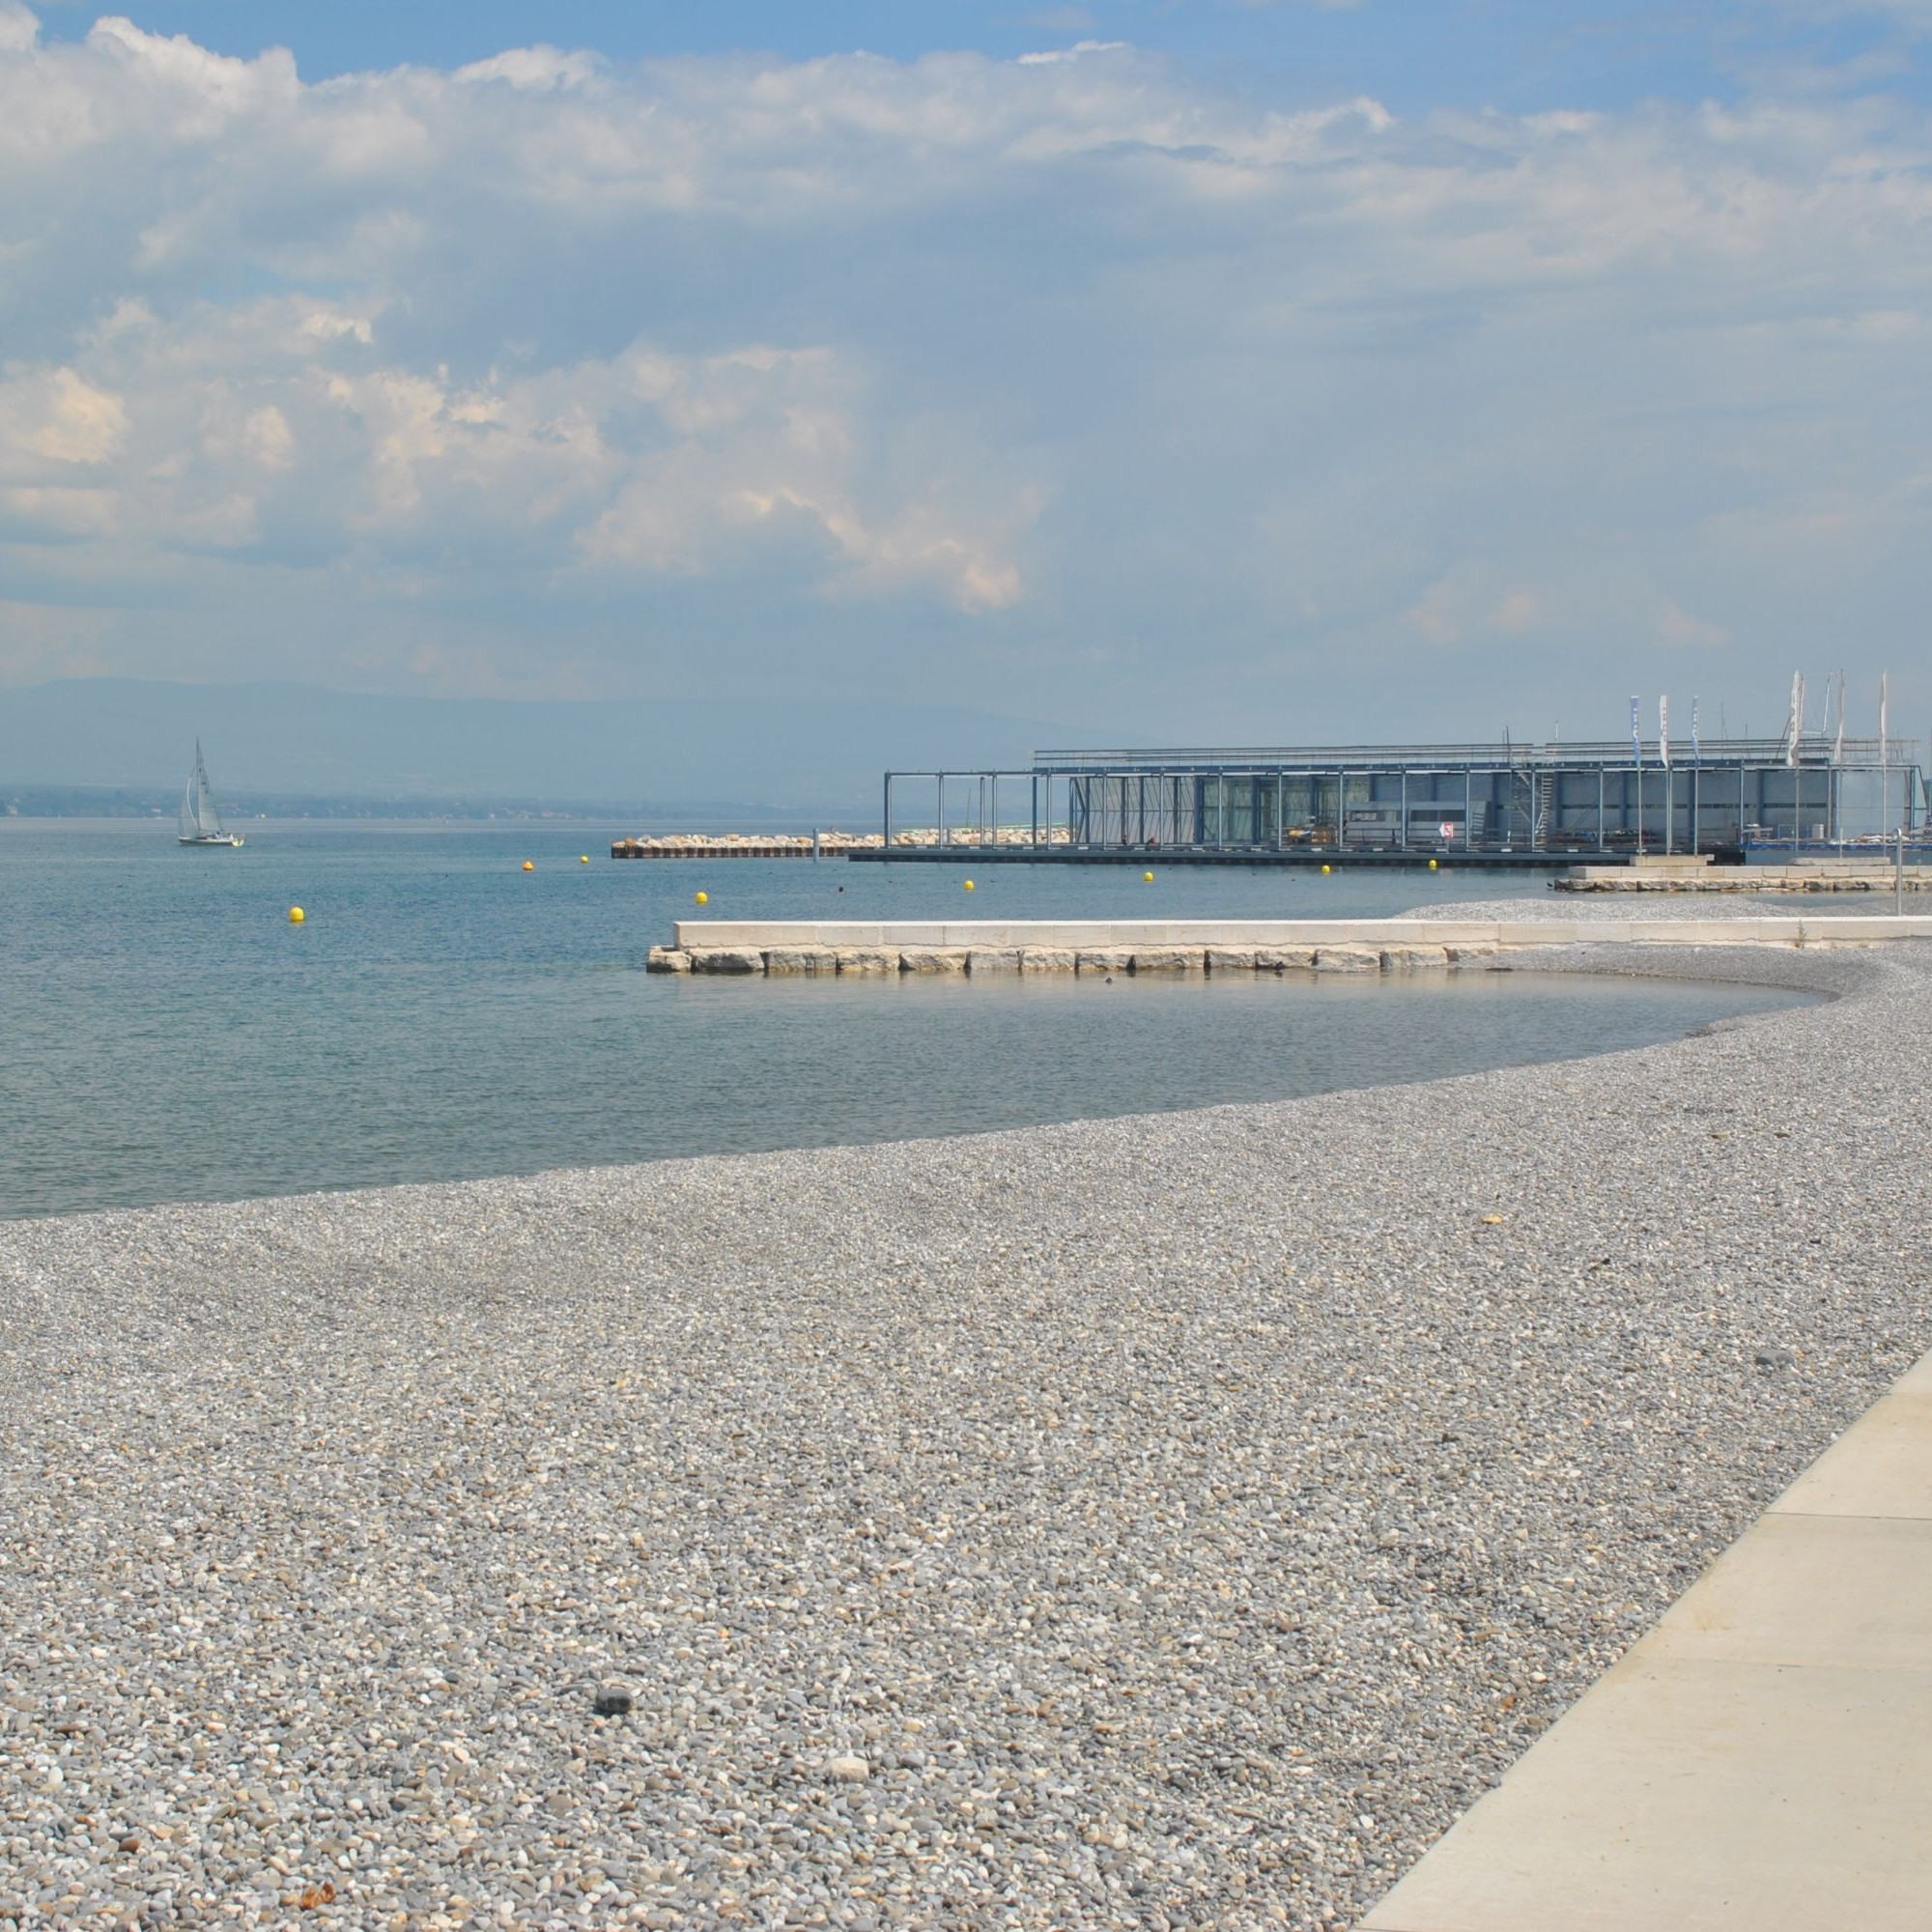 L'ouverture de la nouvelle plage des Eaux-Vives, à Genève, avait dû être reportée en août en raison des mesures de sécurité sanitaire prises sur le chantier.